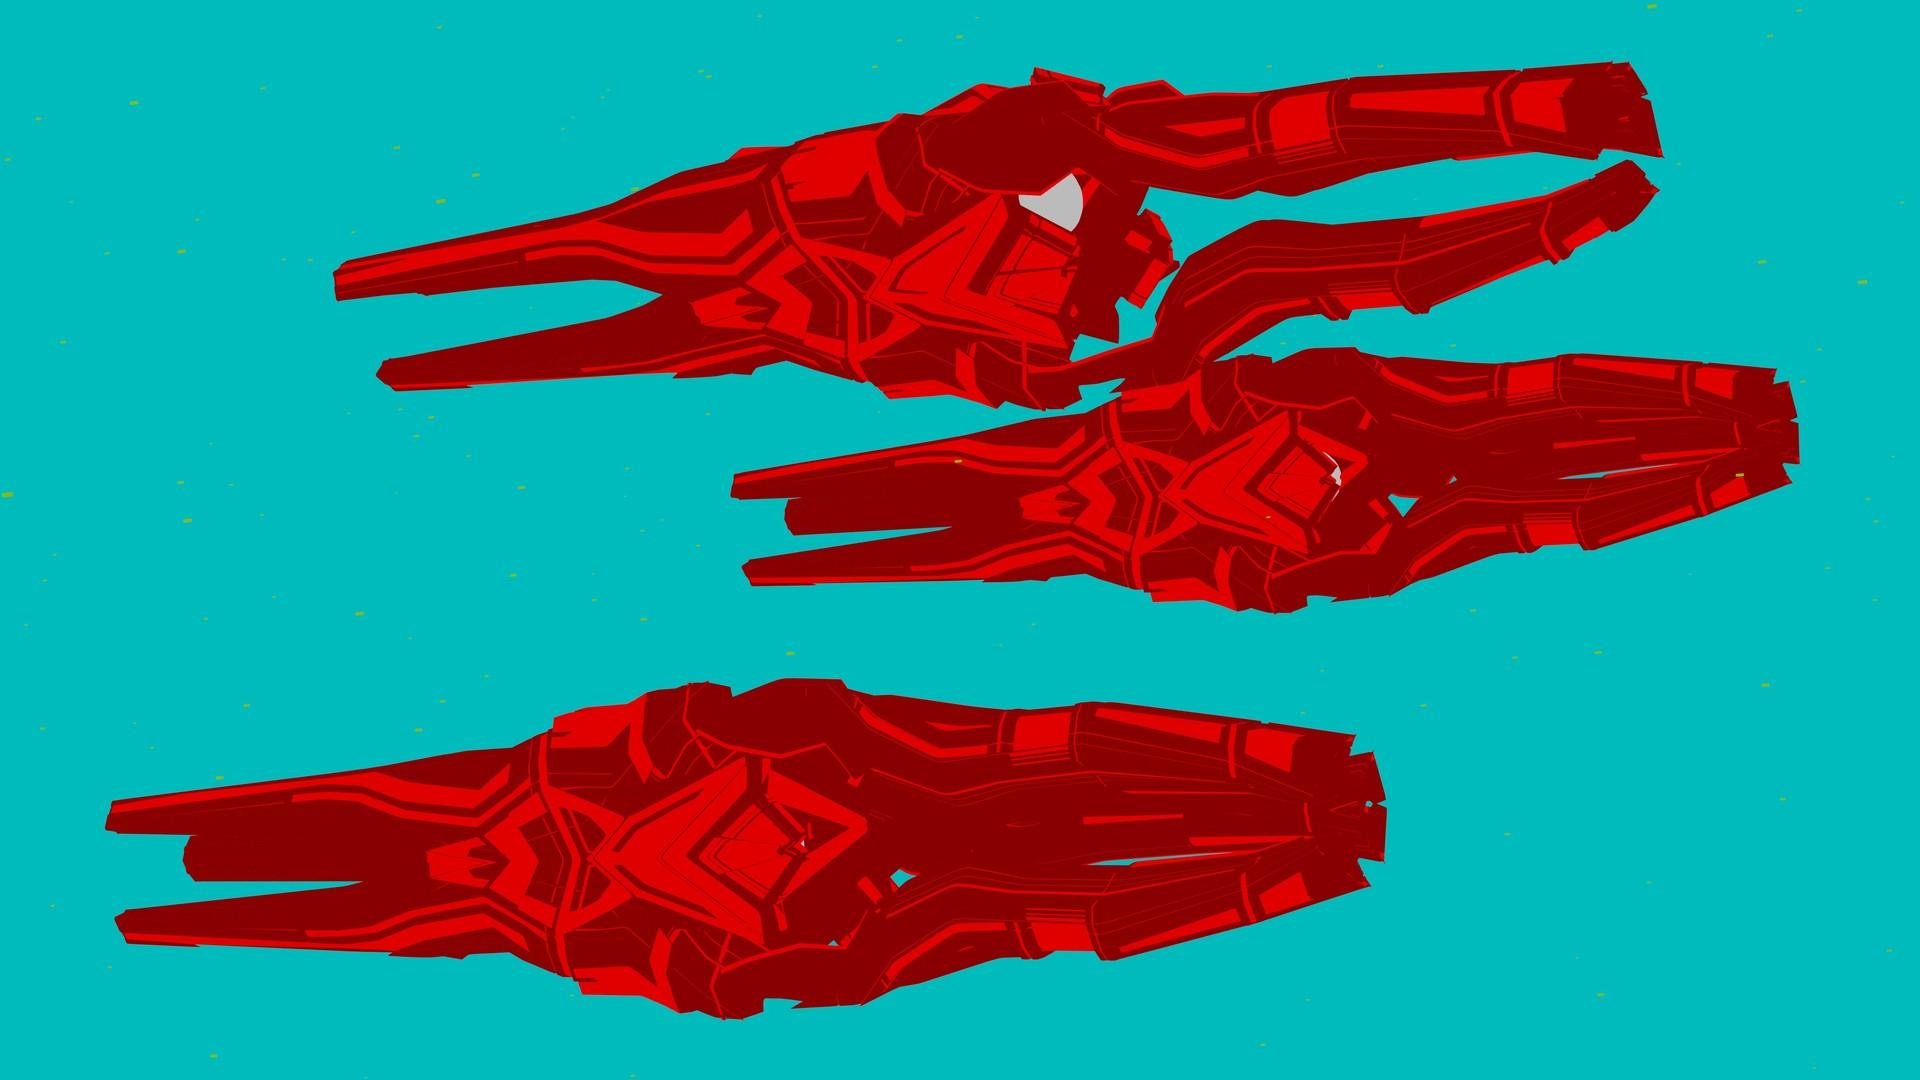 Kresimir jelusic robob3ar 246 150616 voidseeker mkii matid